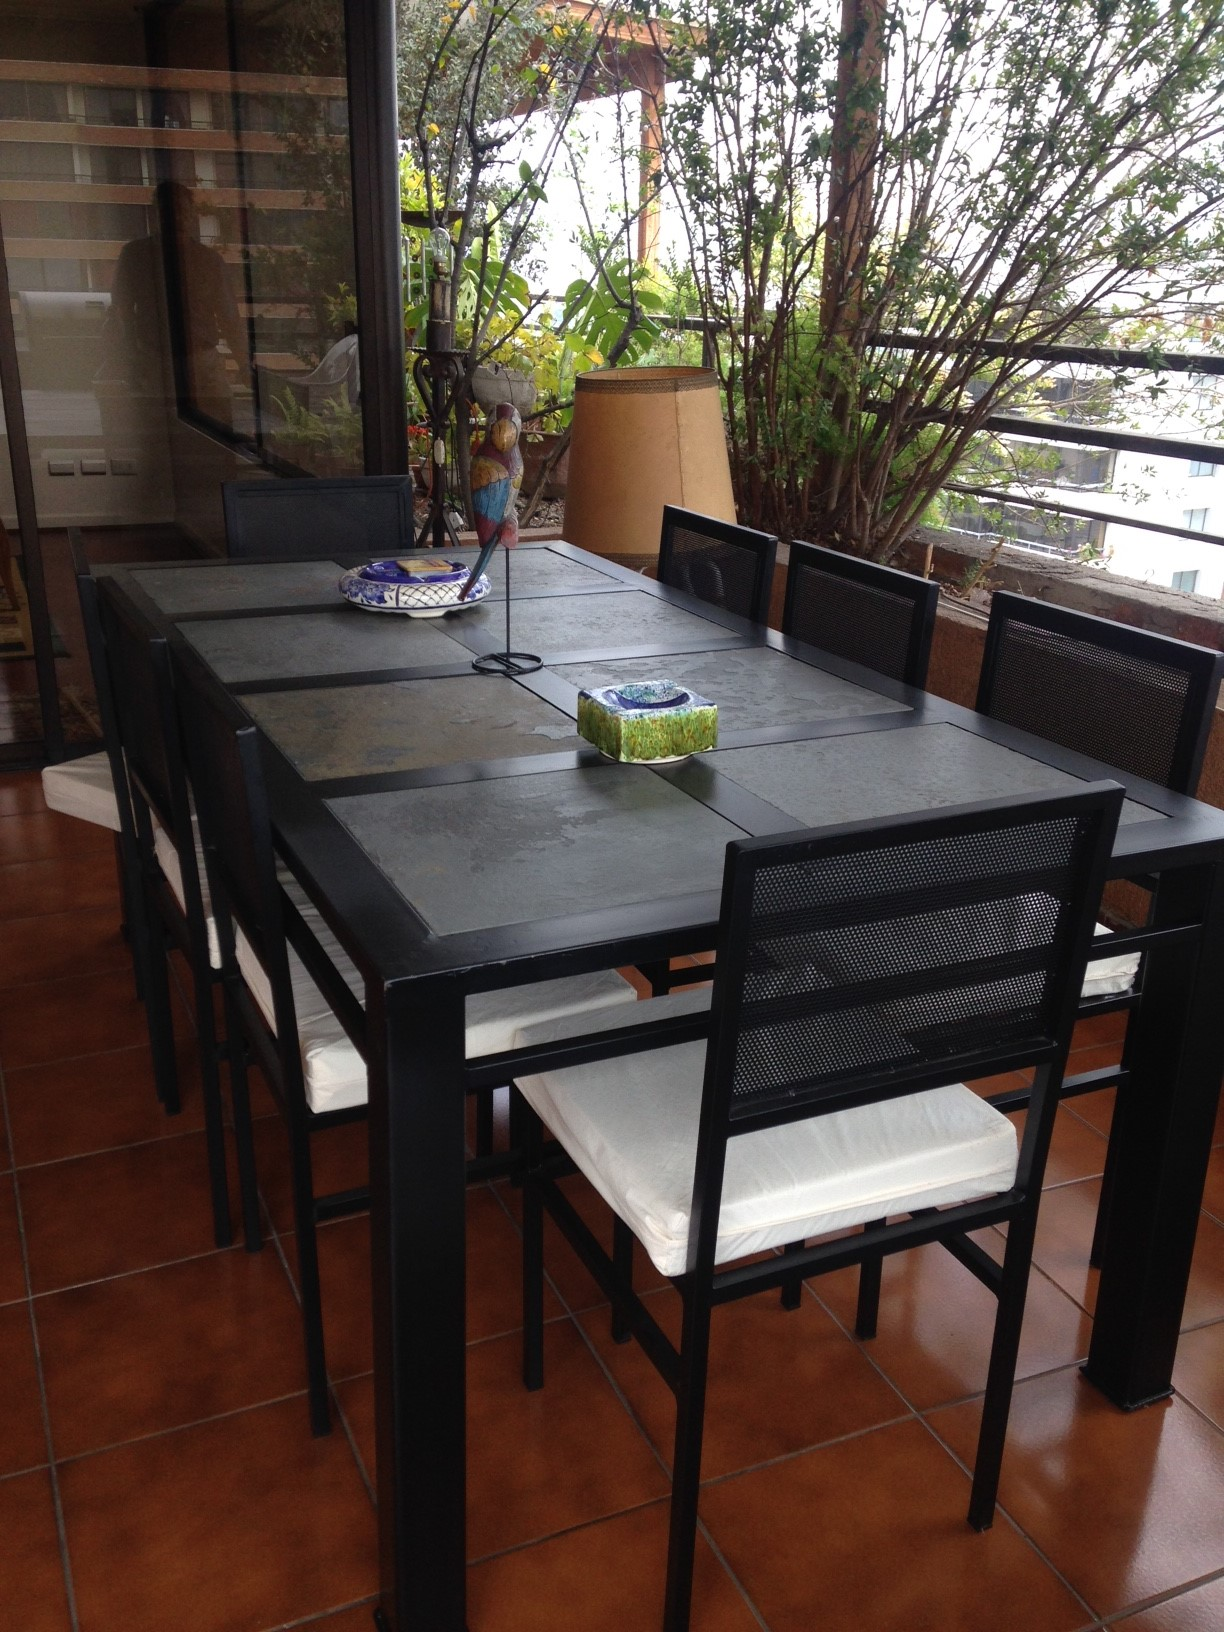 Comedor de fierro modelo puente alto 8 sillas rusti home - Comedor terraza ...